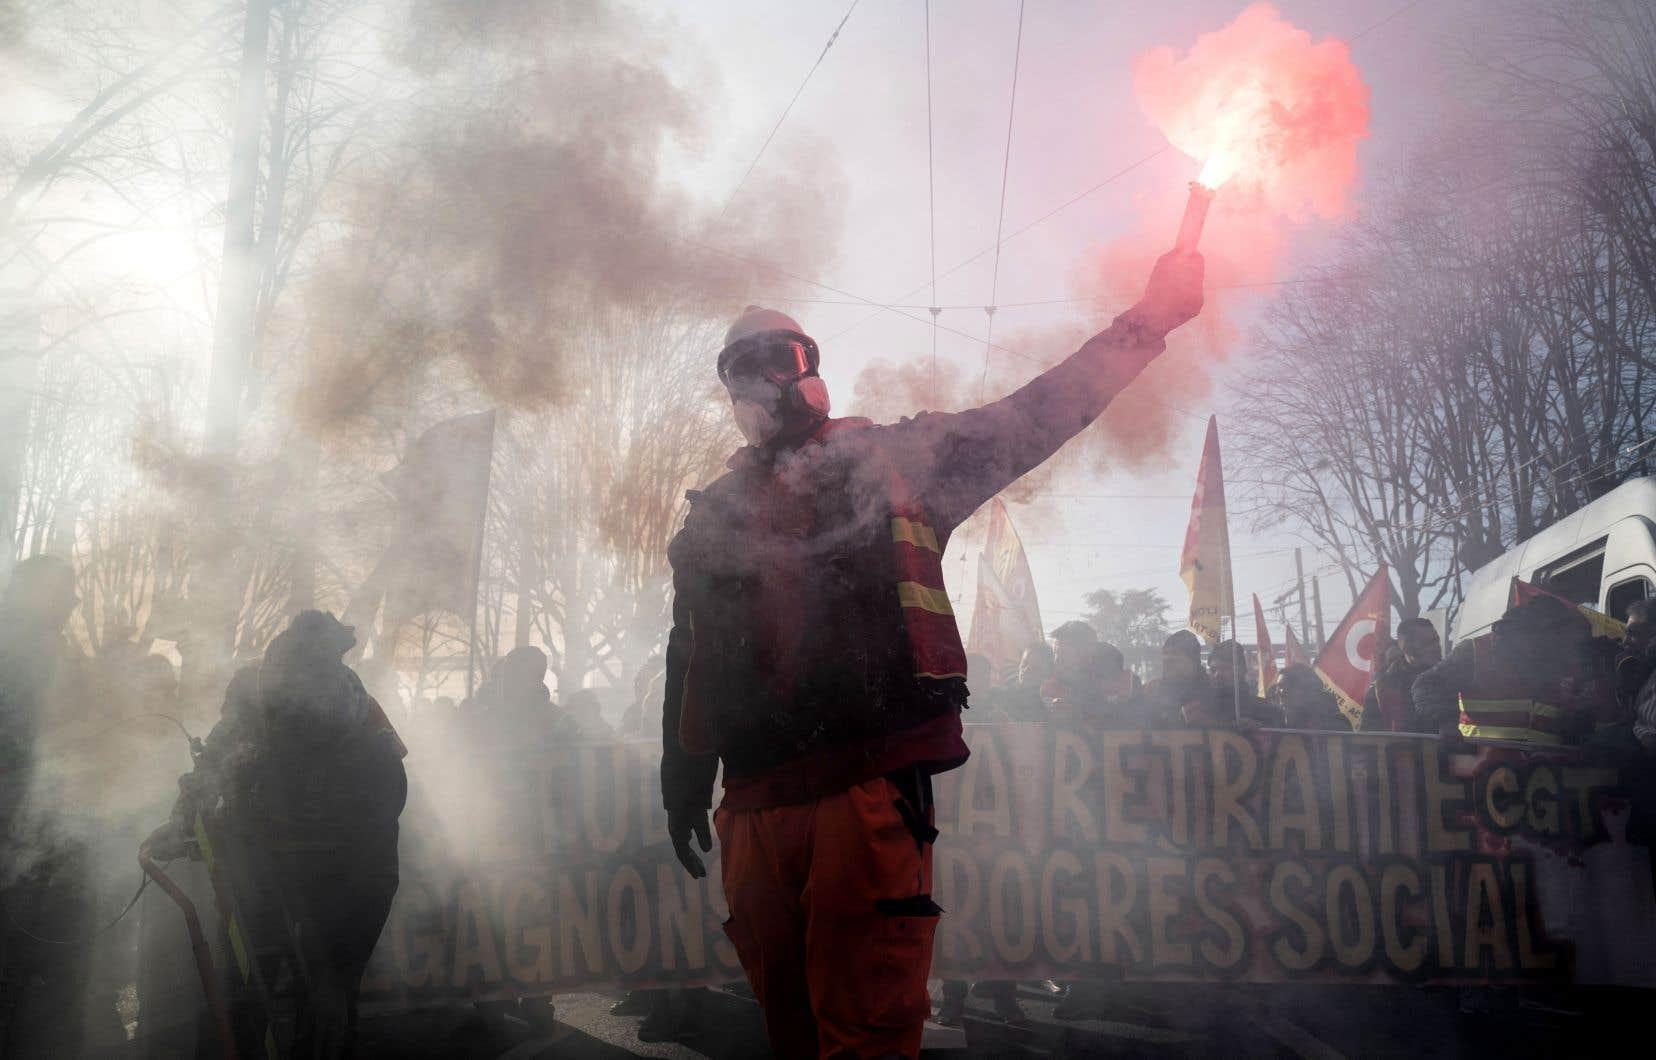 Le ministère français de l'Intérieur a recensé 339 000 manifestants en France, dont 31 000 dans la capitale.